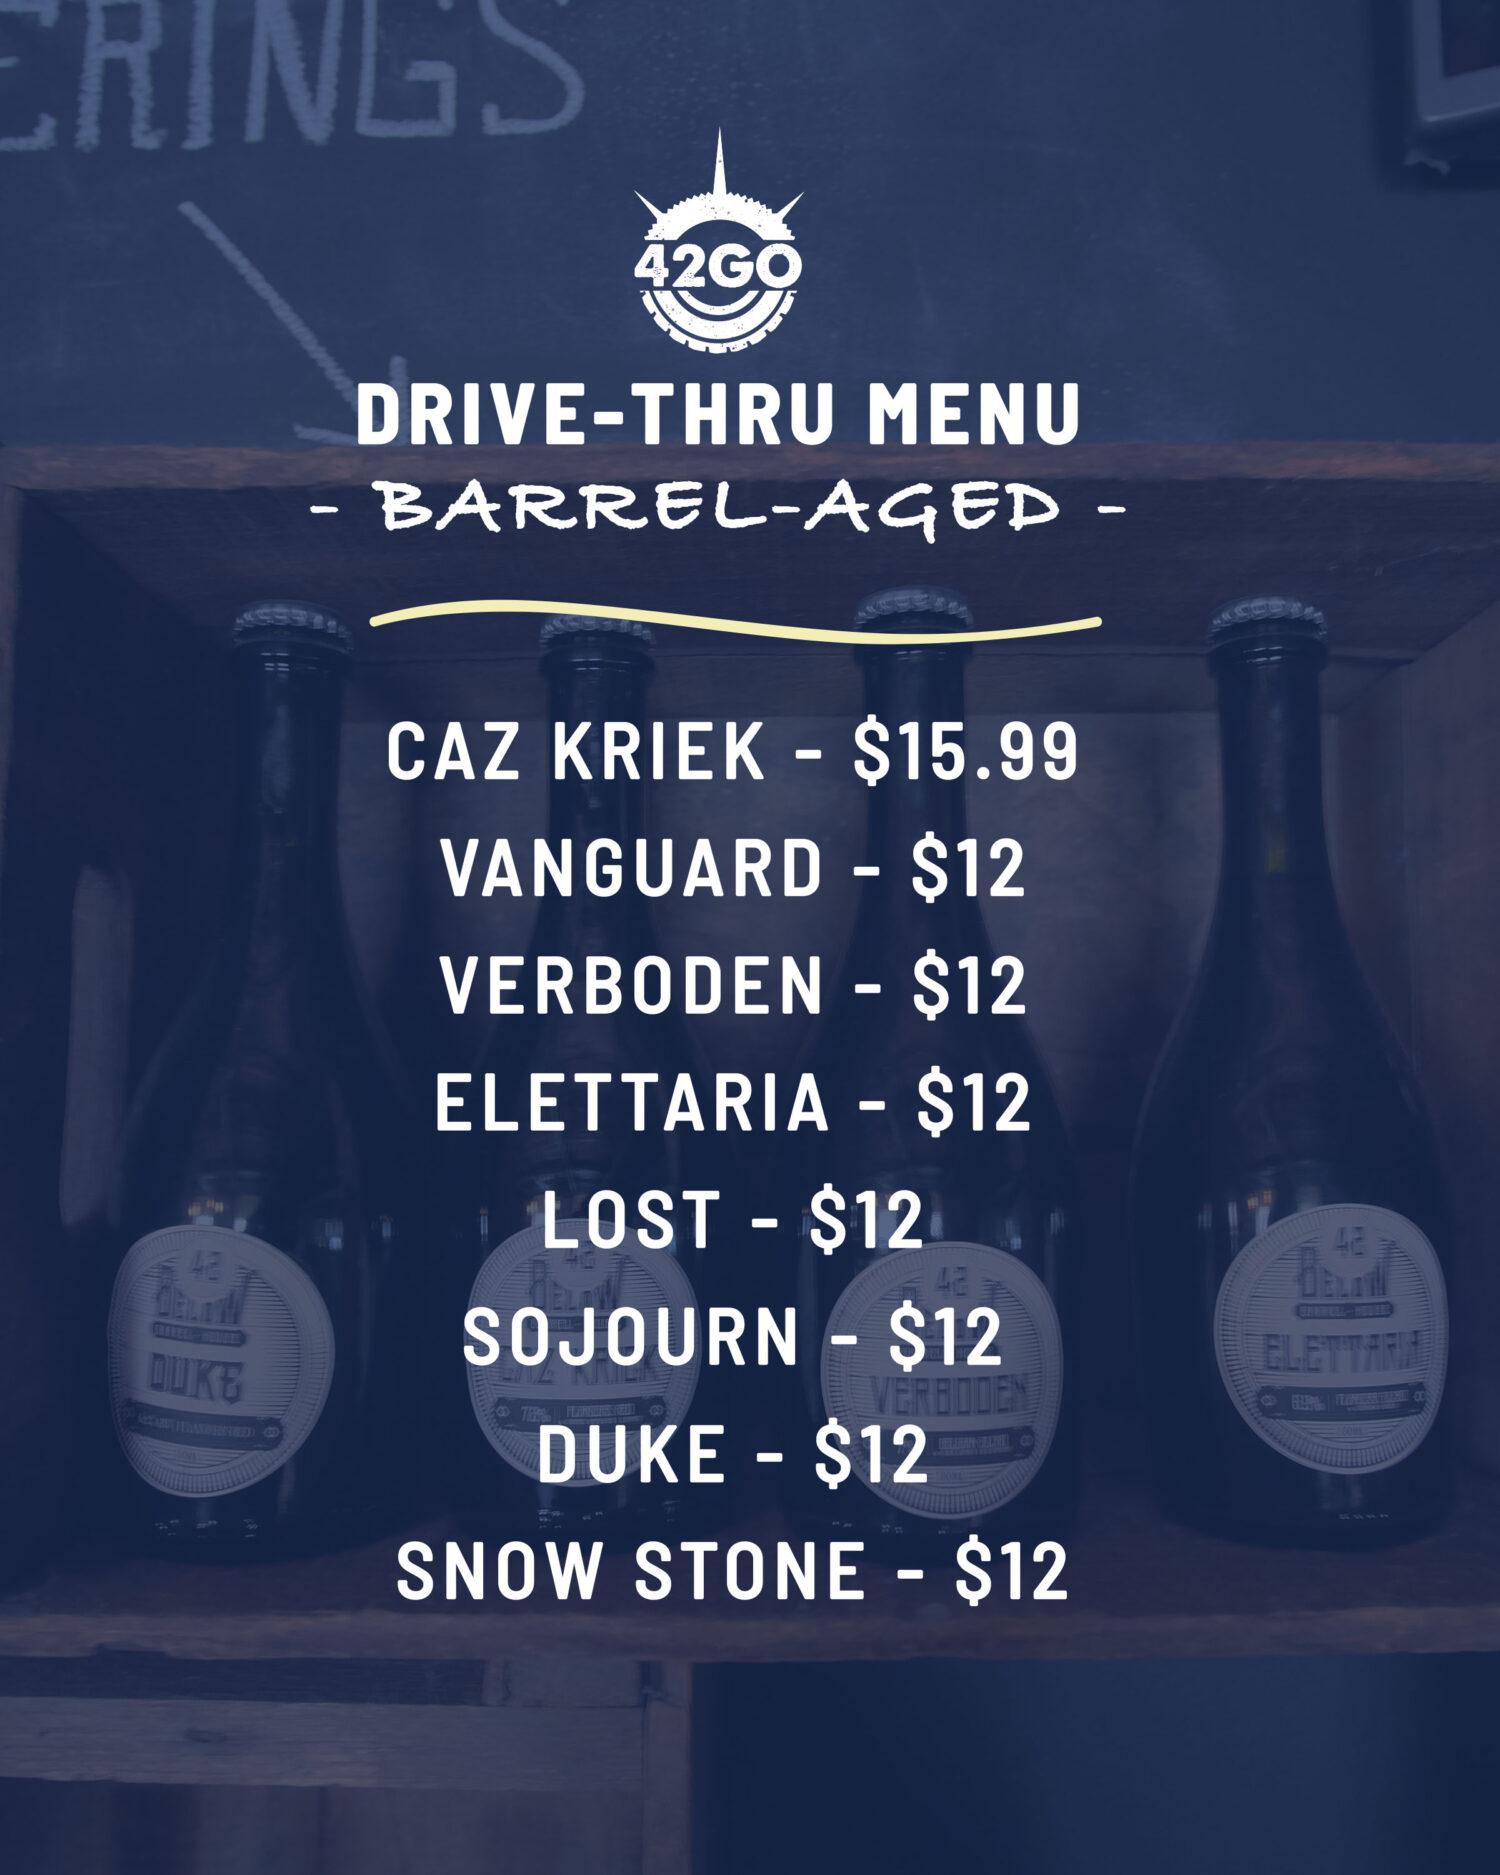 MENU_drive_thru_menu_barrelaged